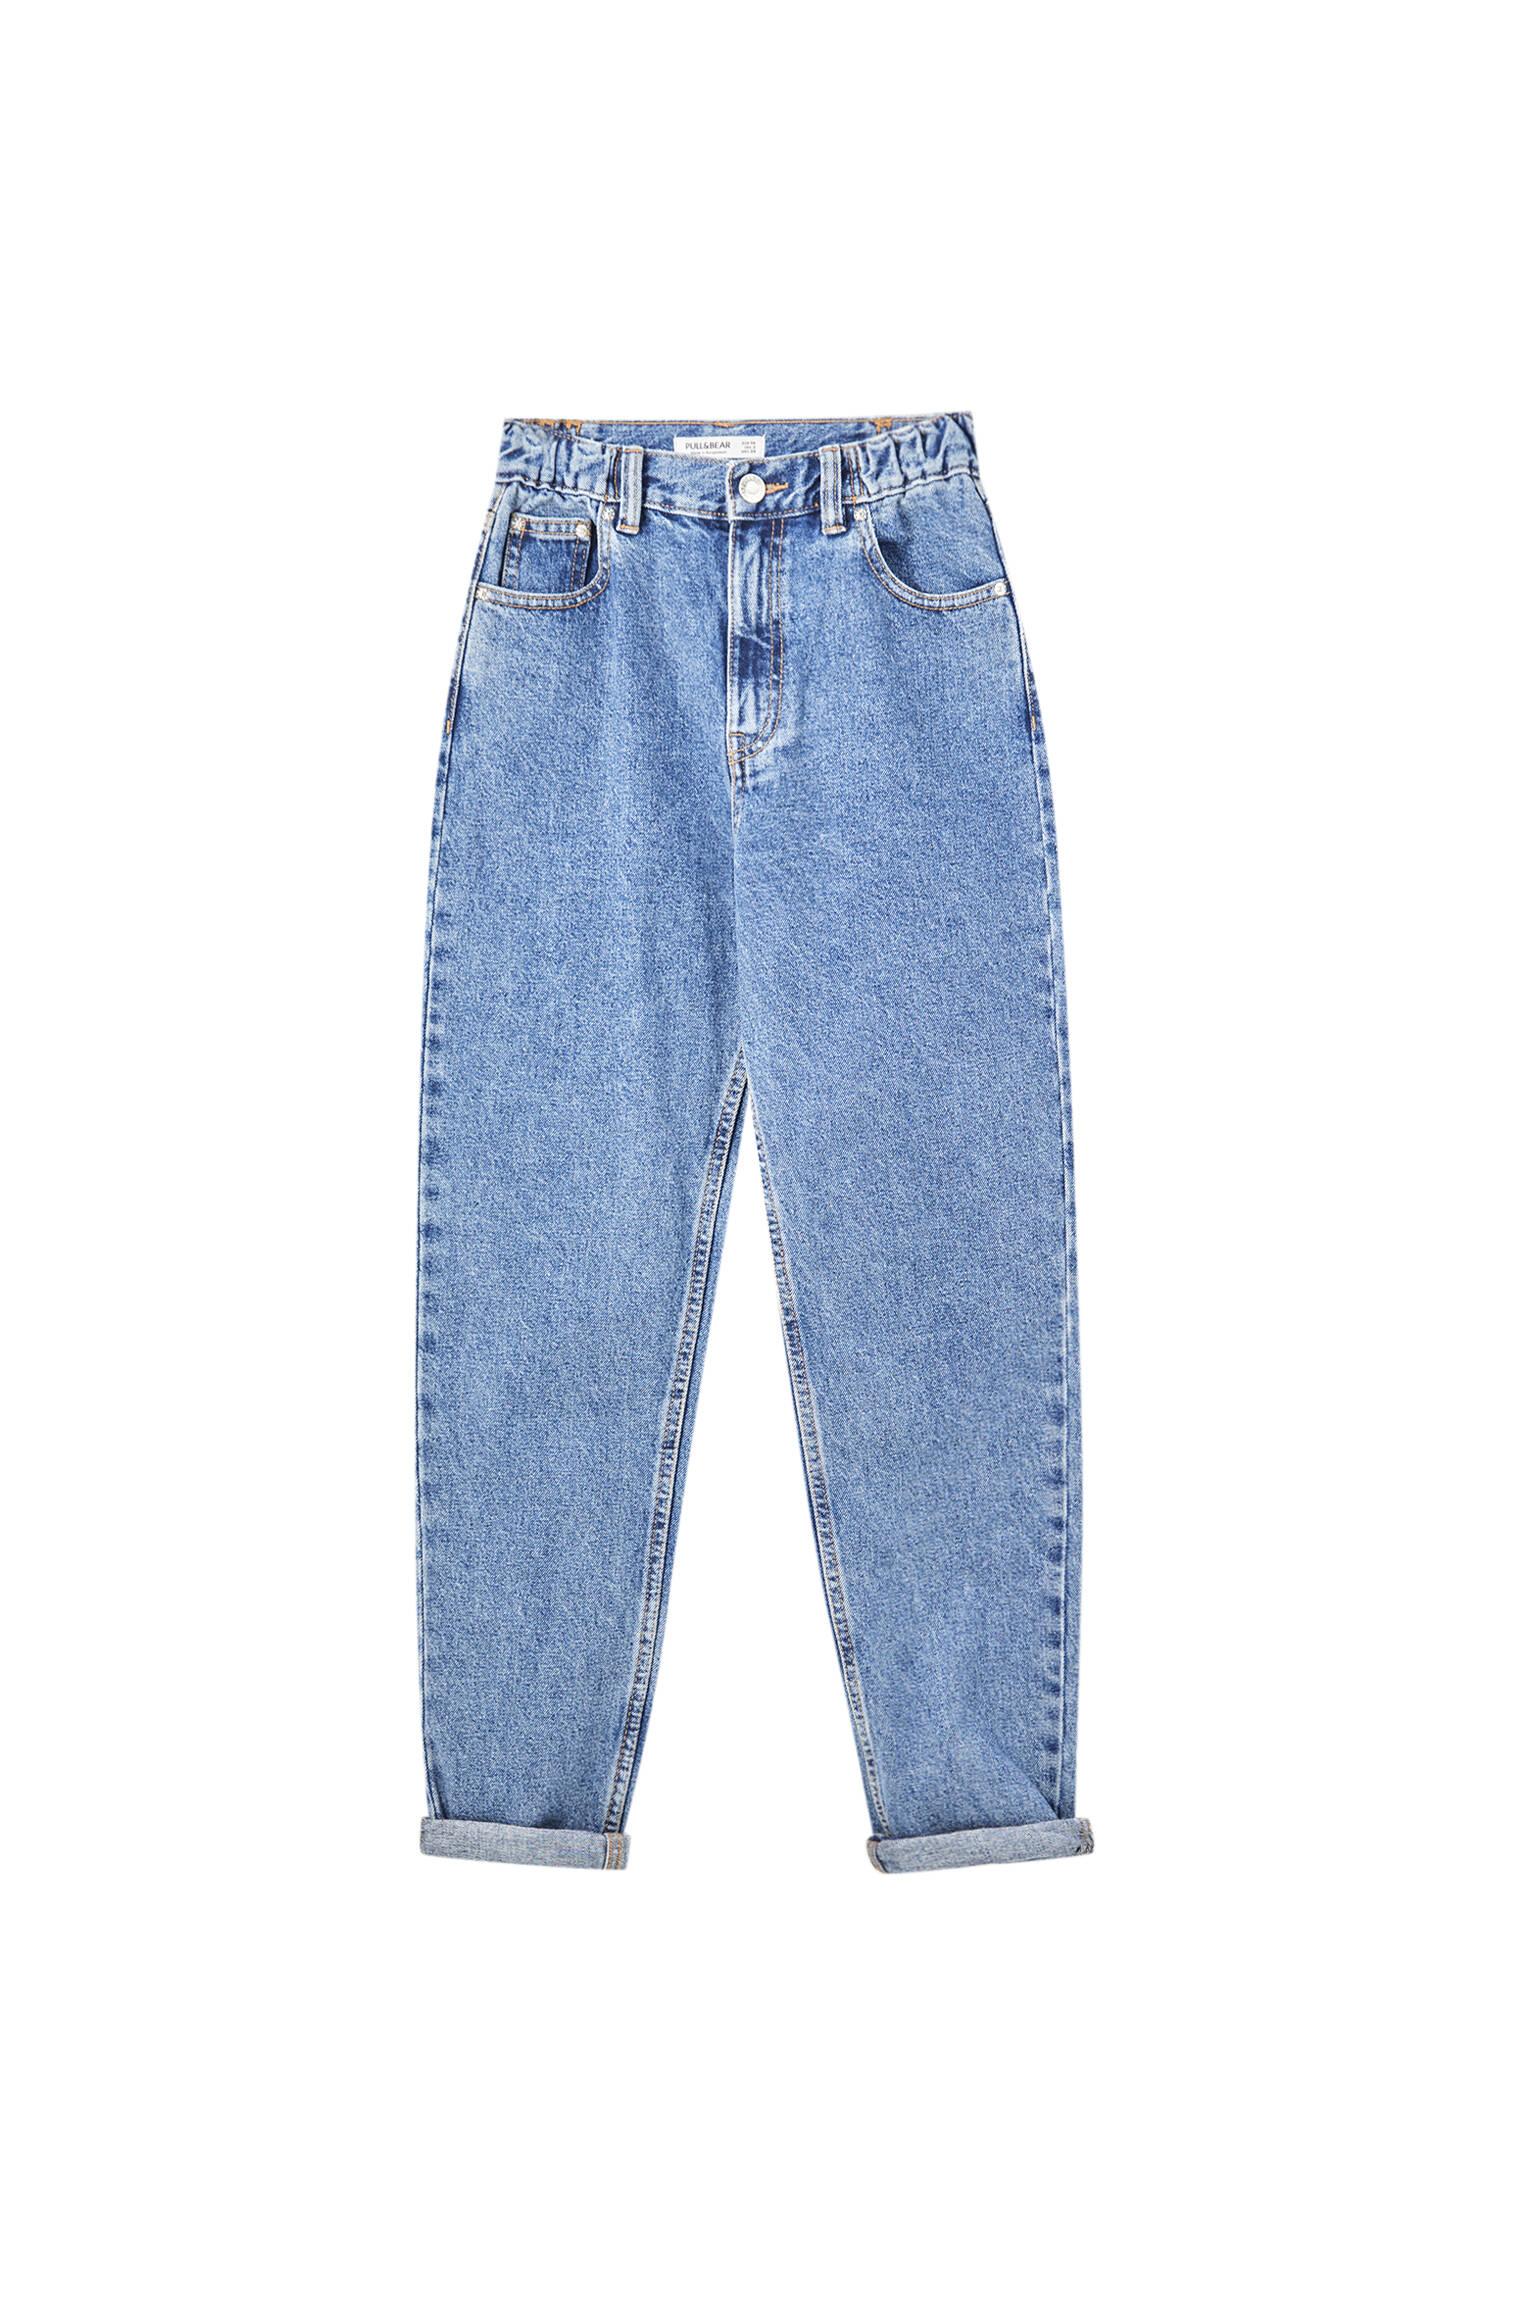 Синий Джинсы mom fit с эластичной талией Pull & Bear